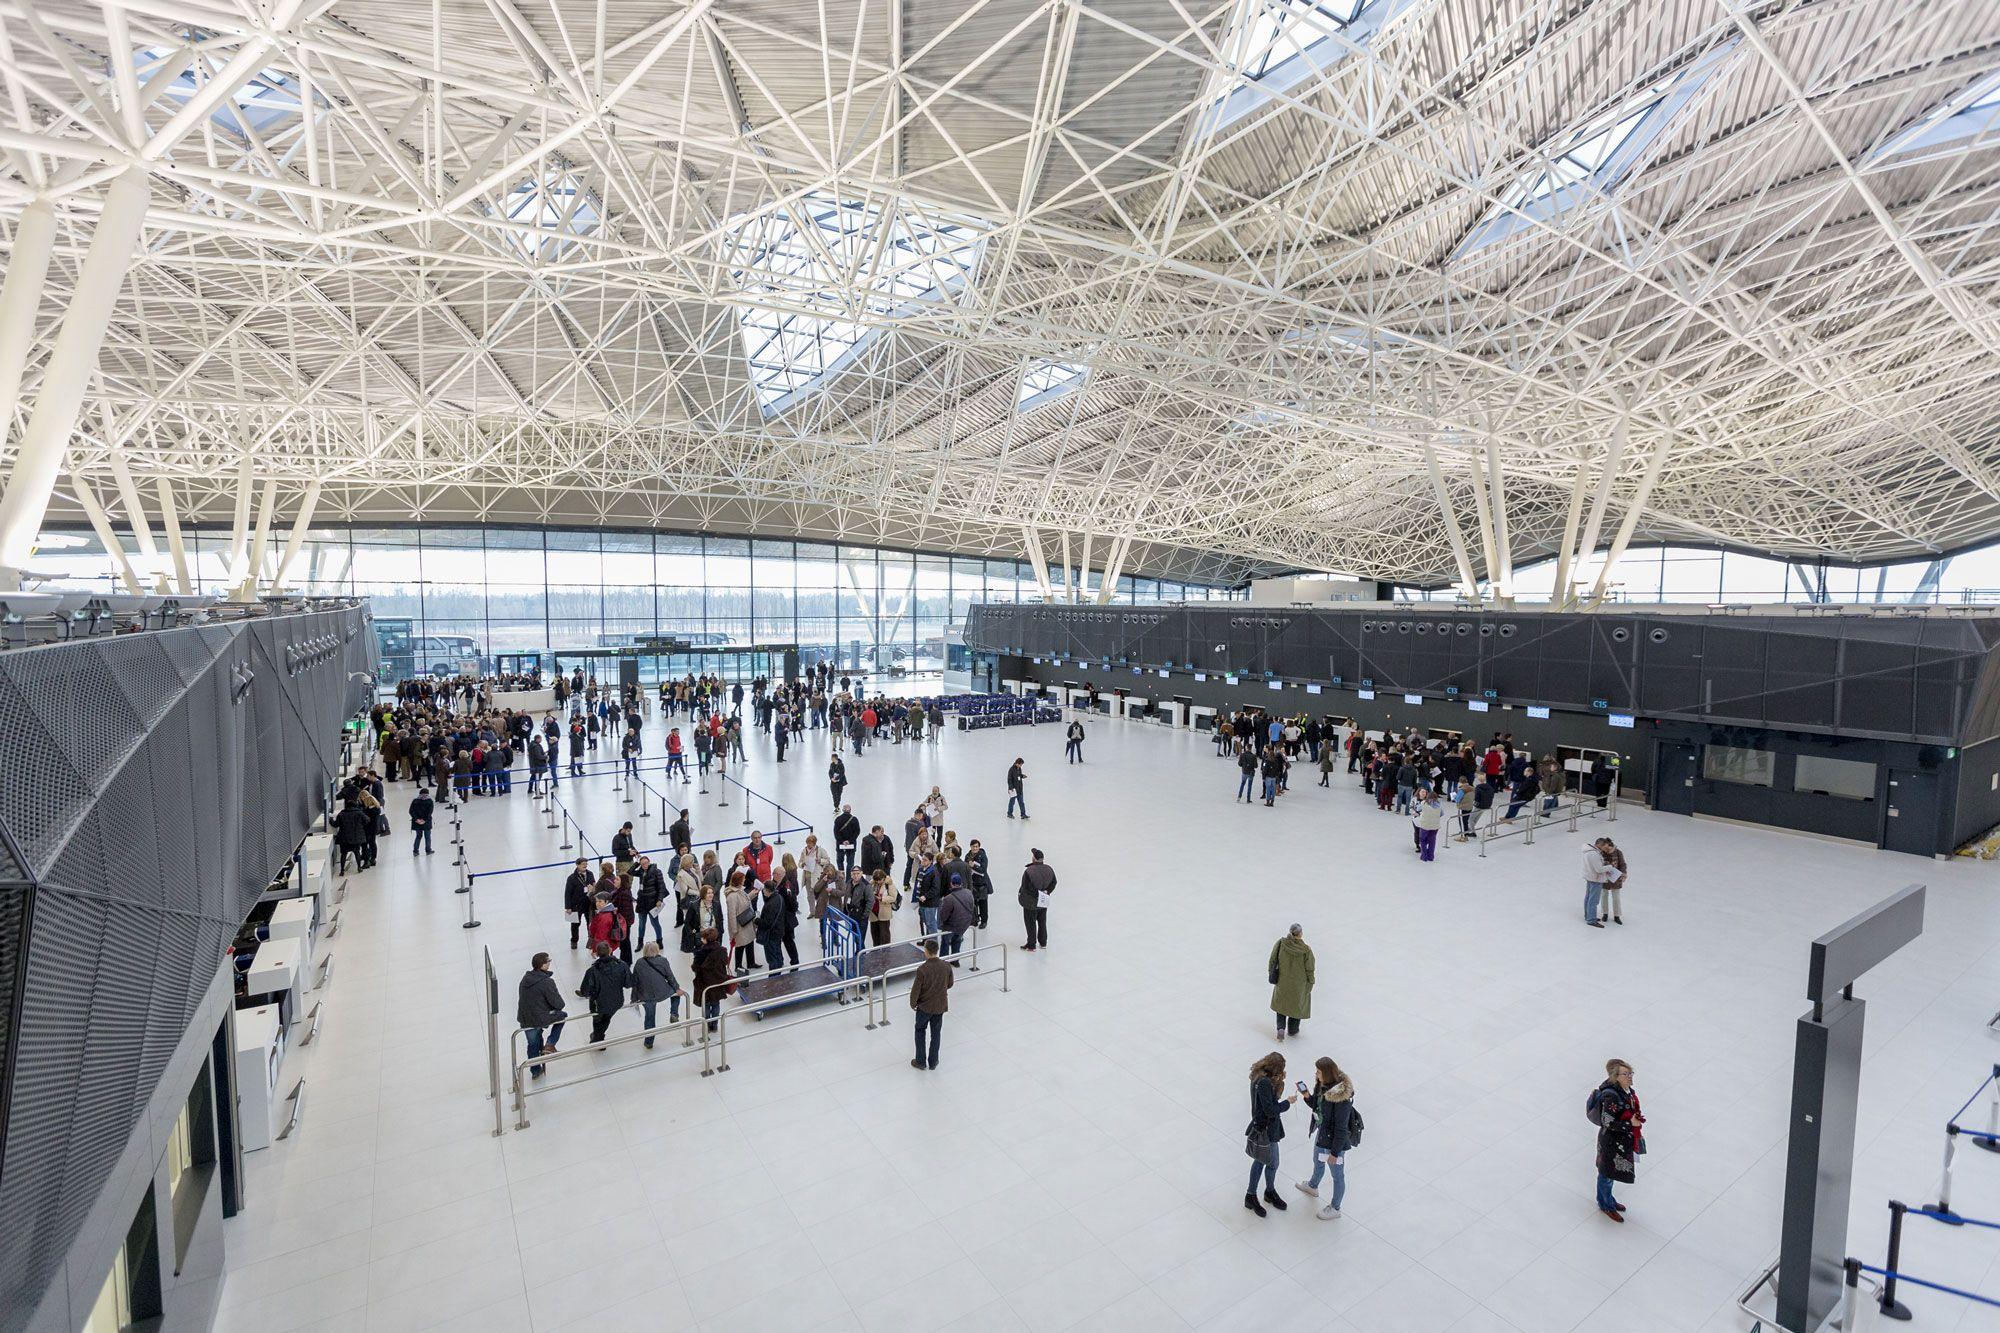 Dach Mit Welle Zagreb International Airport Zagreb Dach Wellen